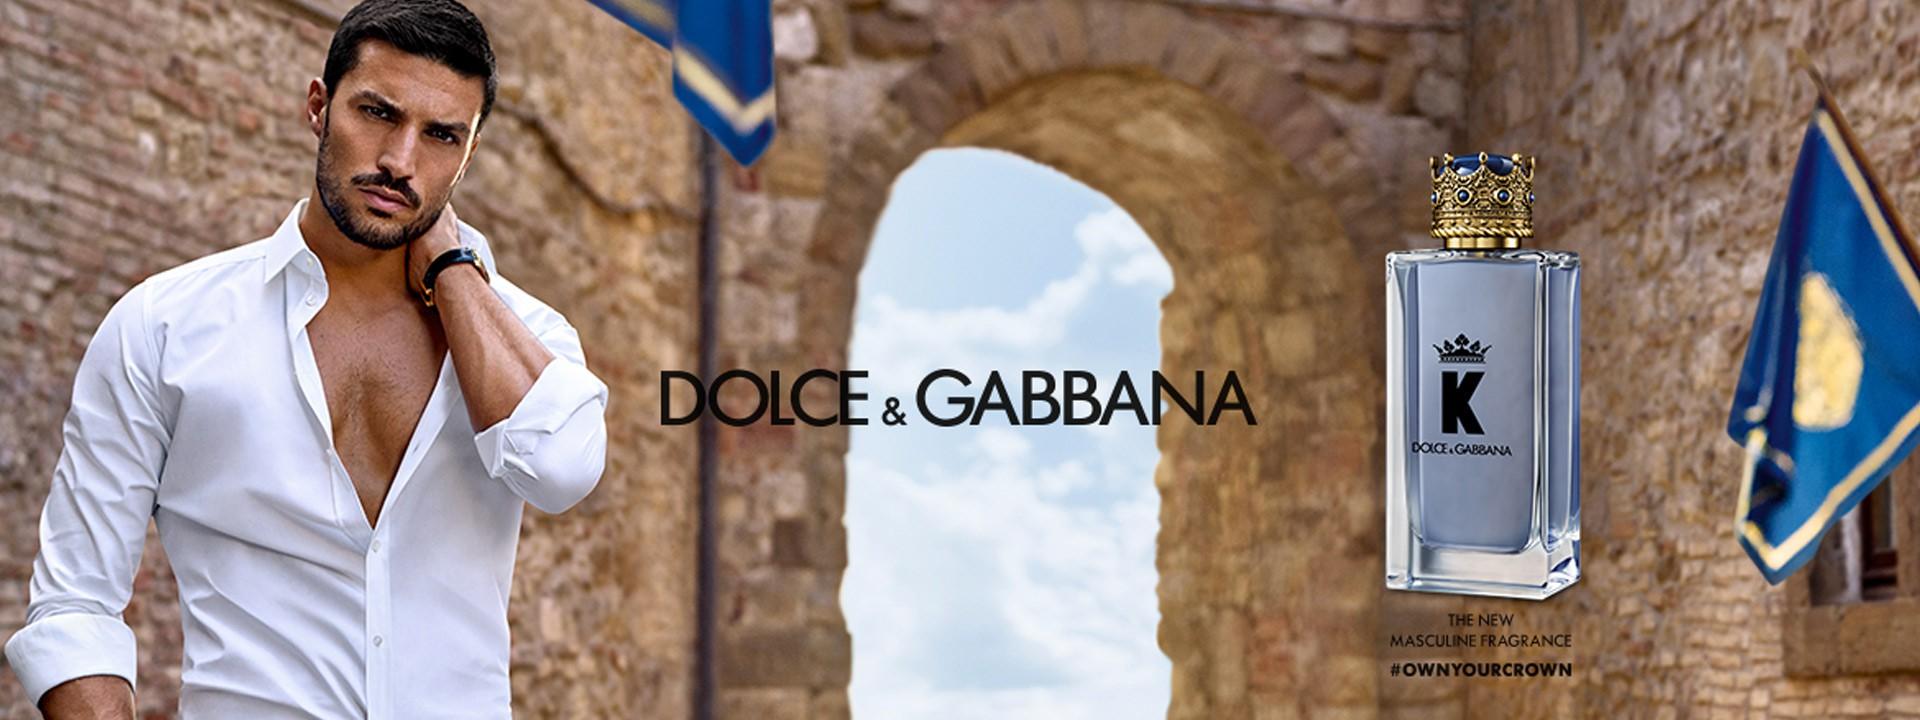 K by Dolce & Gabbana Eau de Toilette